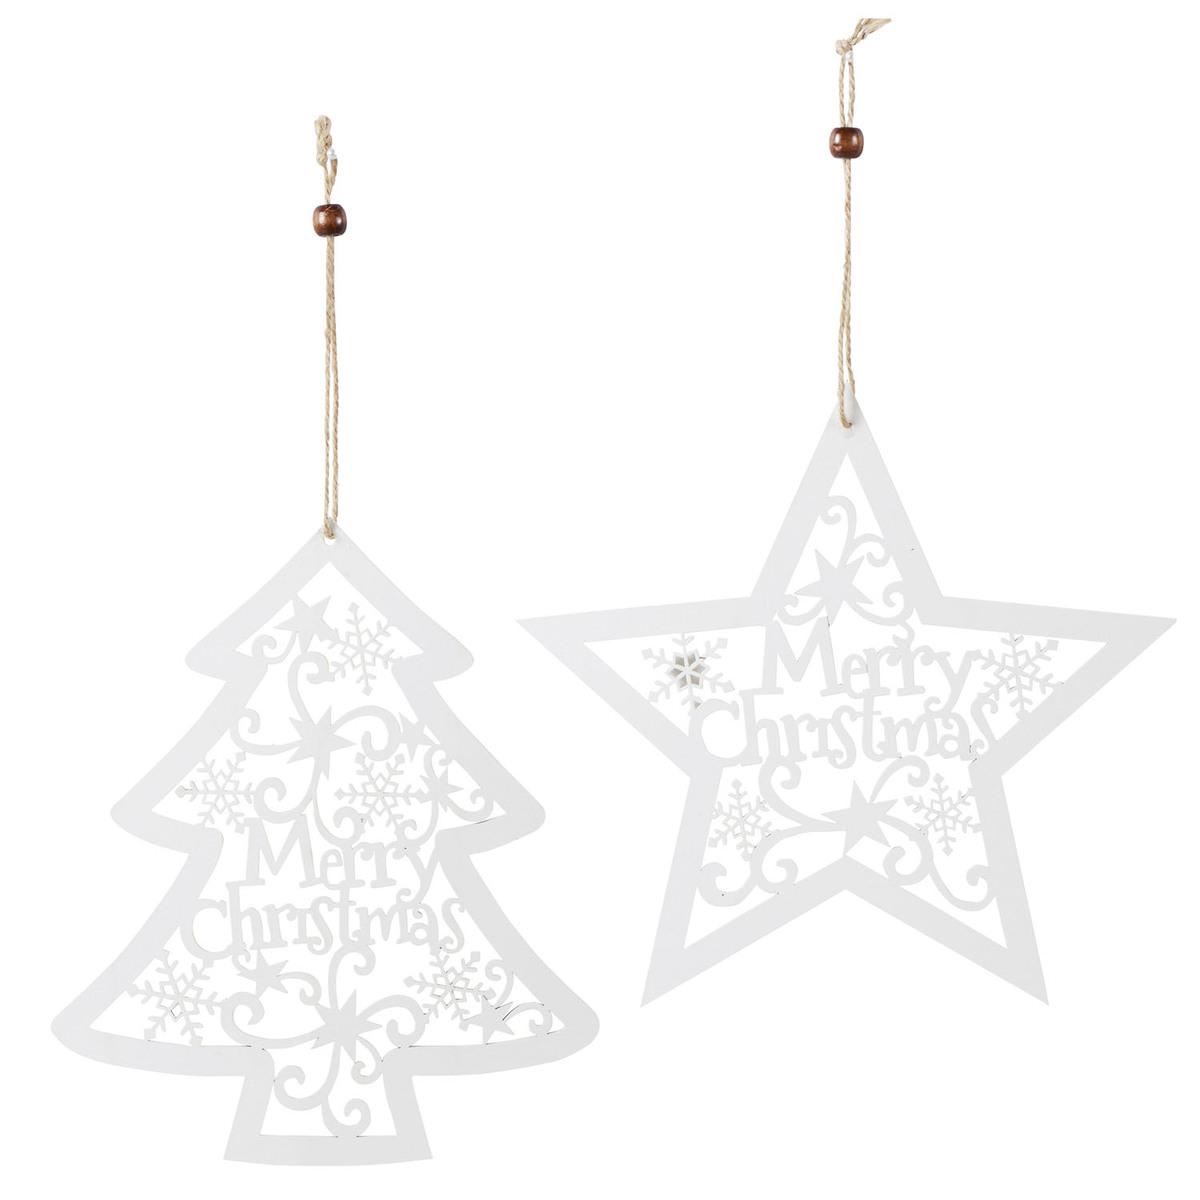 Holz h ngedeko mit weihnachtsmotiv jetzt im kodi onlineshop kaufen alles f r den haushalt kodi - Kodi weihnachtsbaum ...